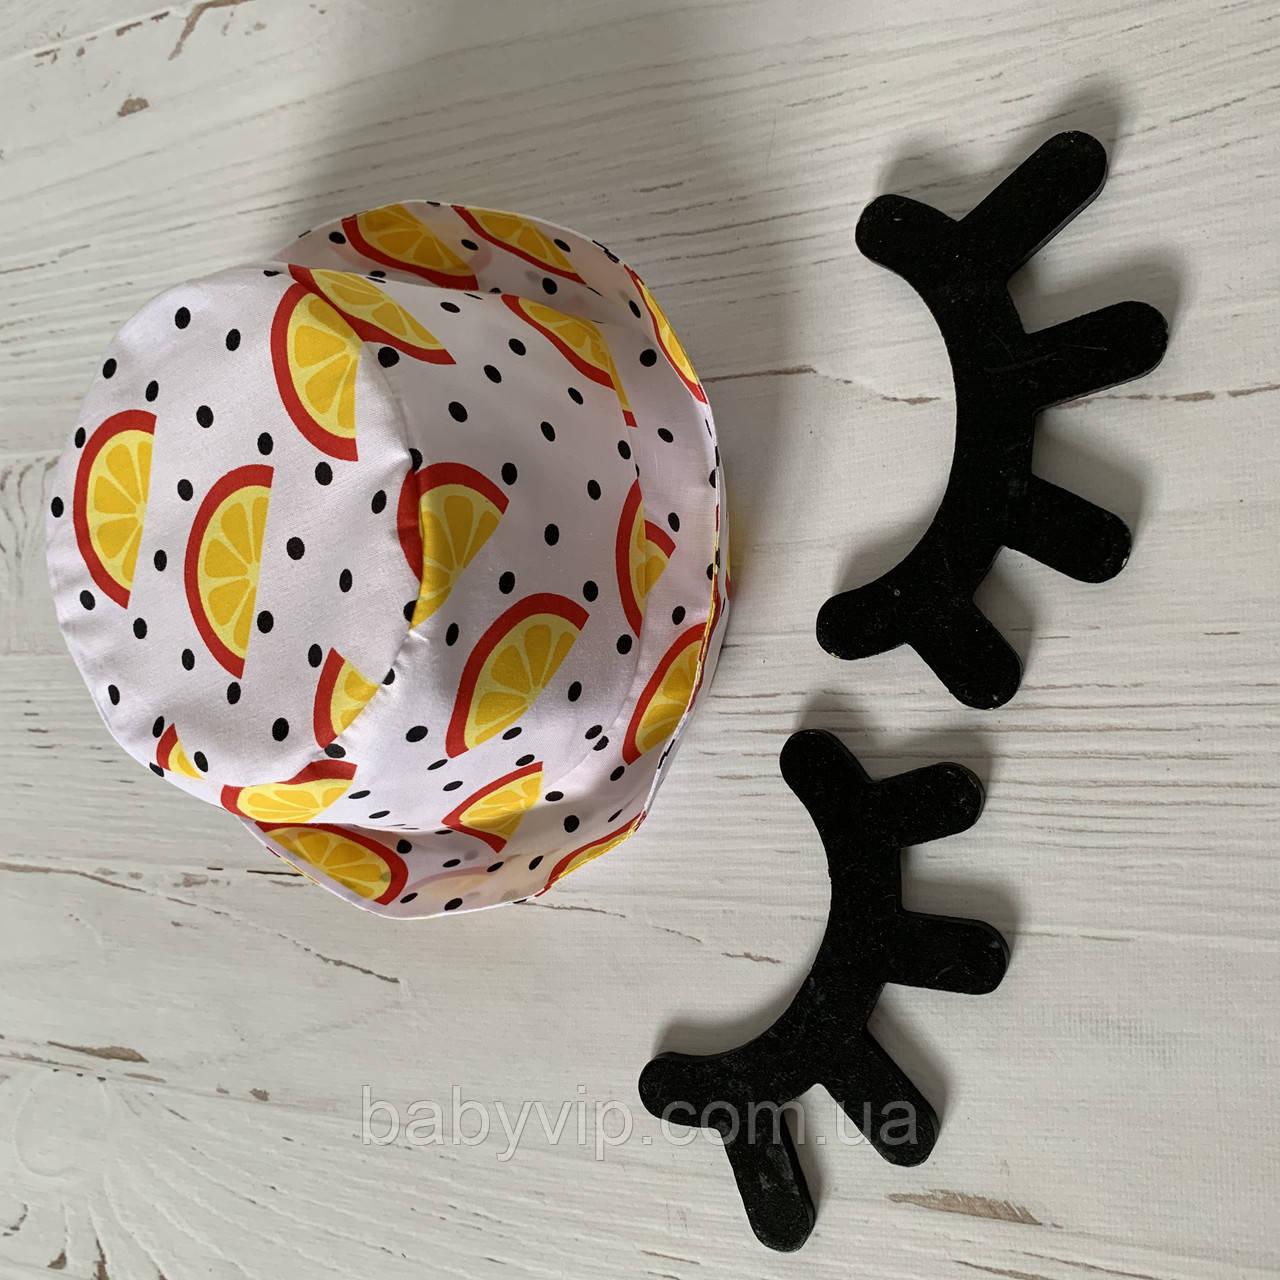 Хлопковая панамка от солнца размер 52-54 см